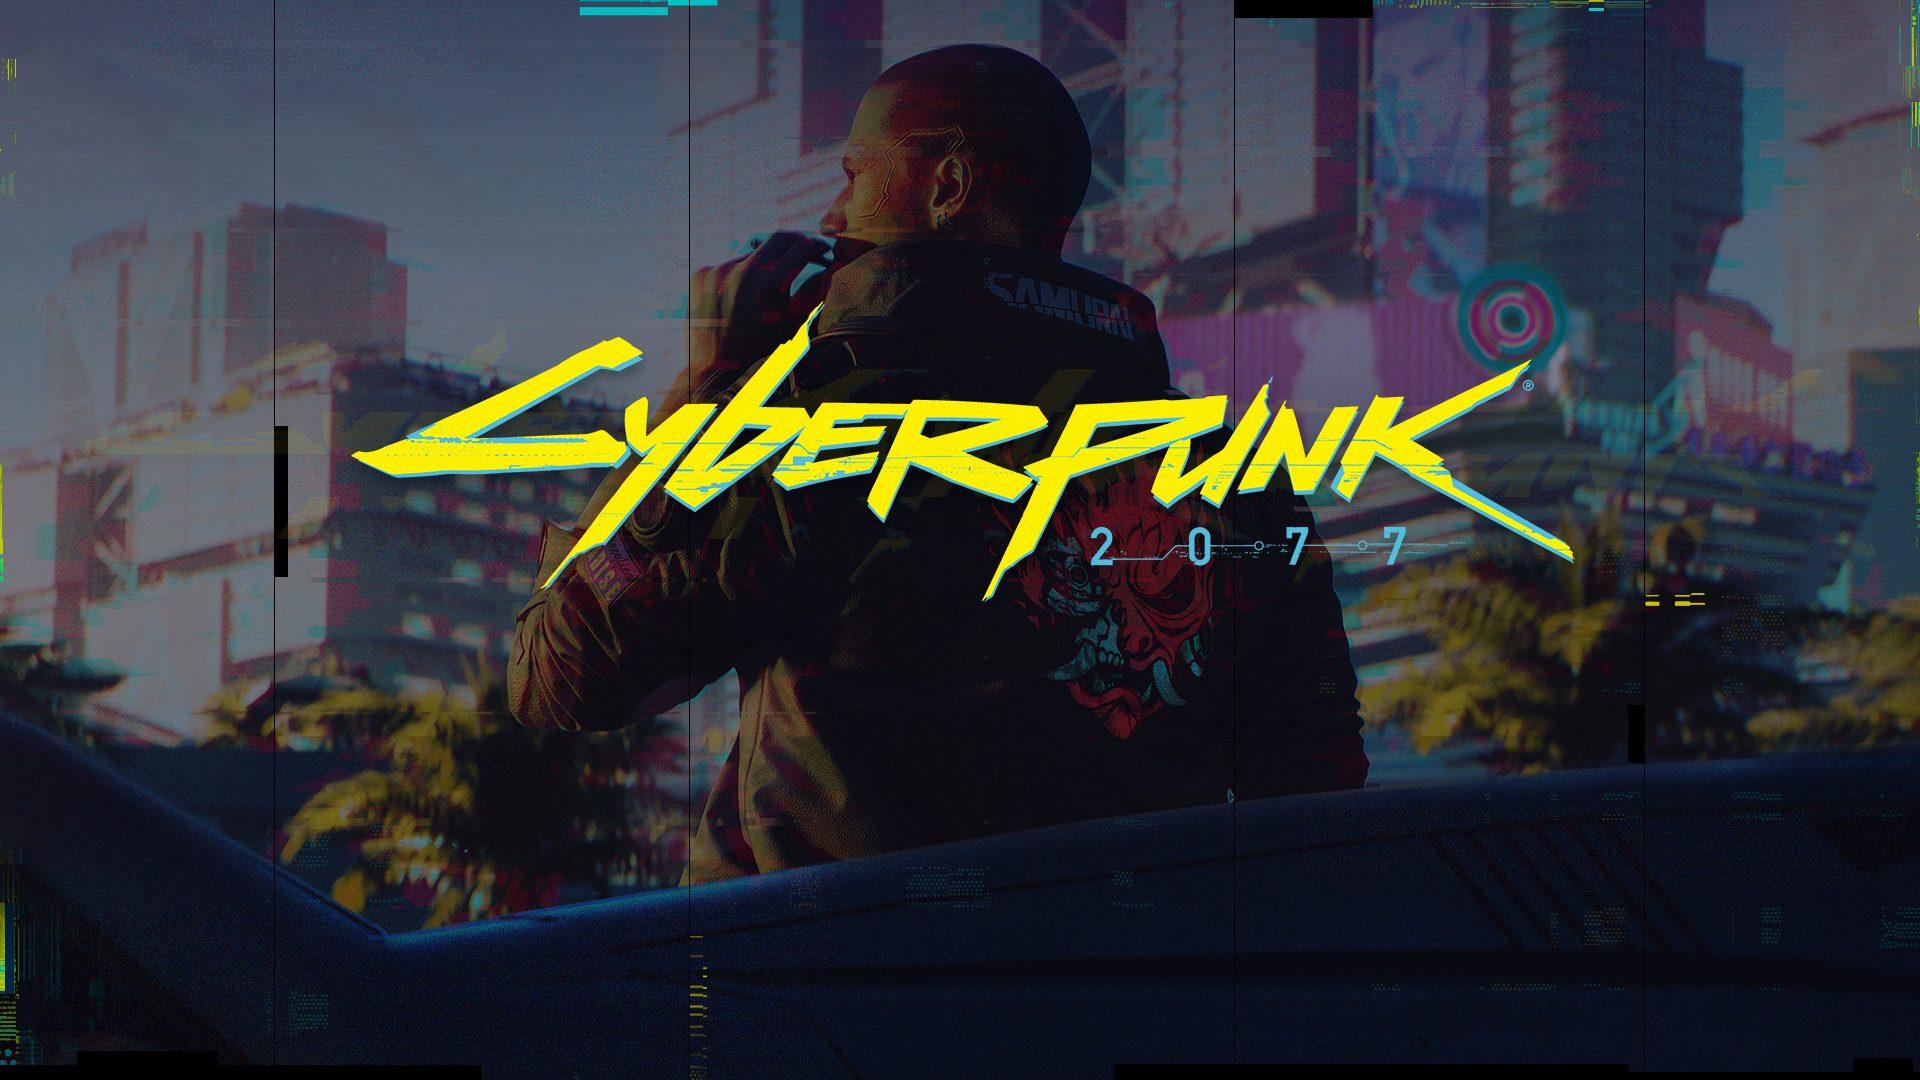 La recensione di Cyberpunk 2077. È questo il futuro che ci attende? thumbnail